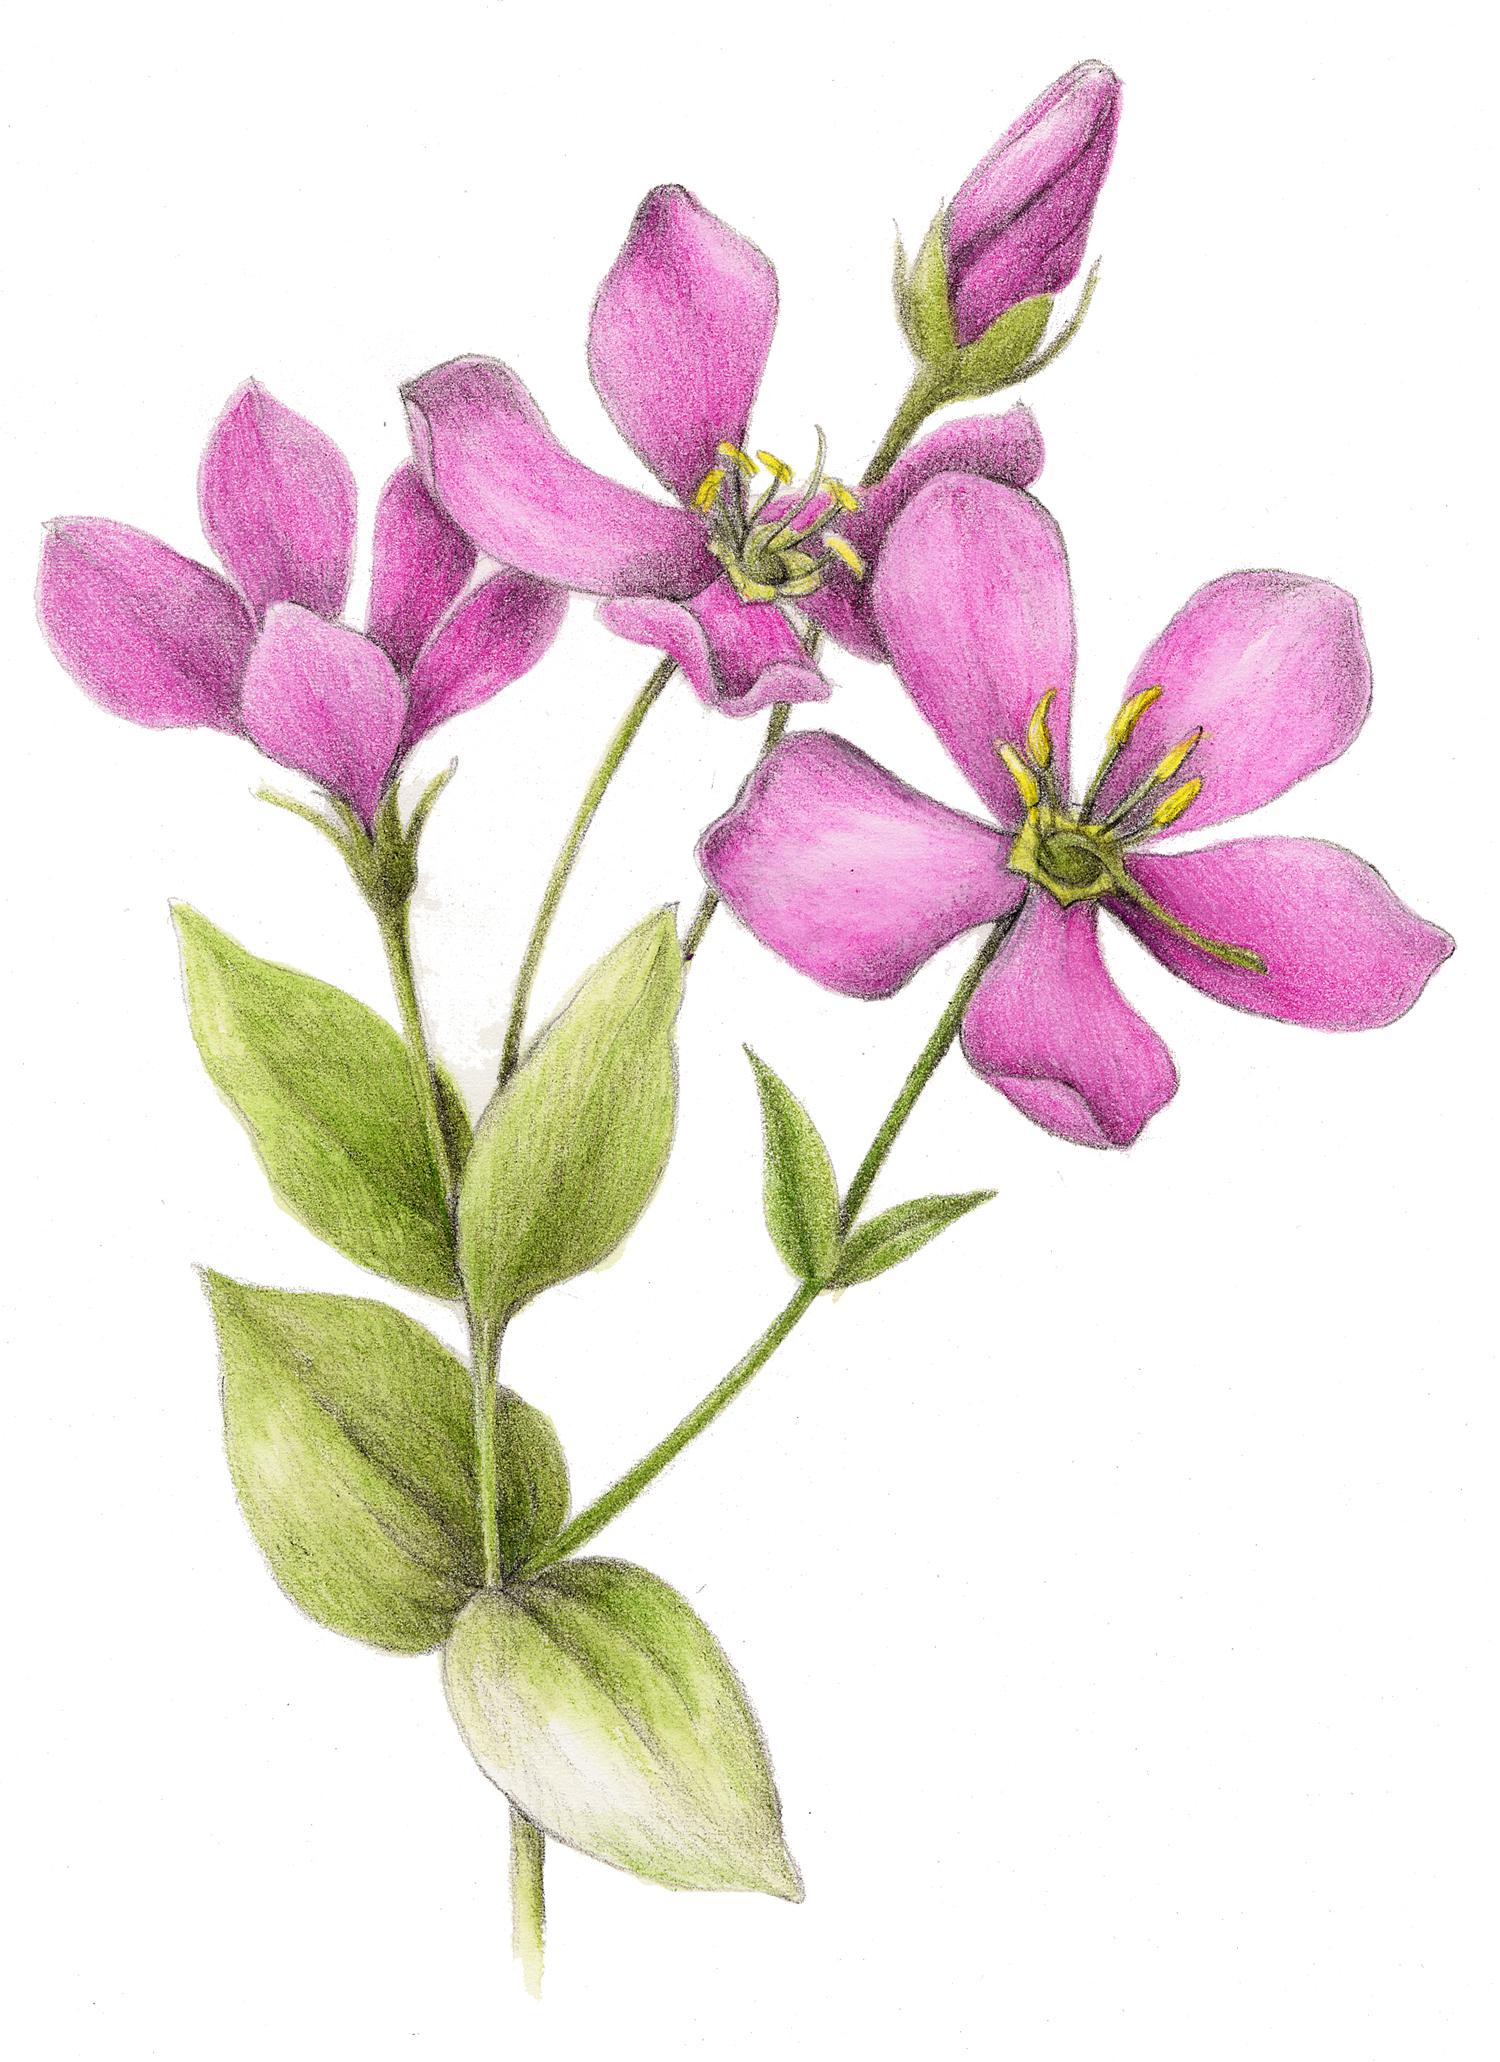 Rose Pink - Sabatia angluaris